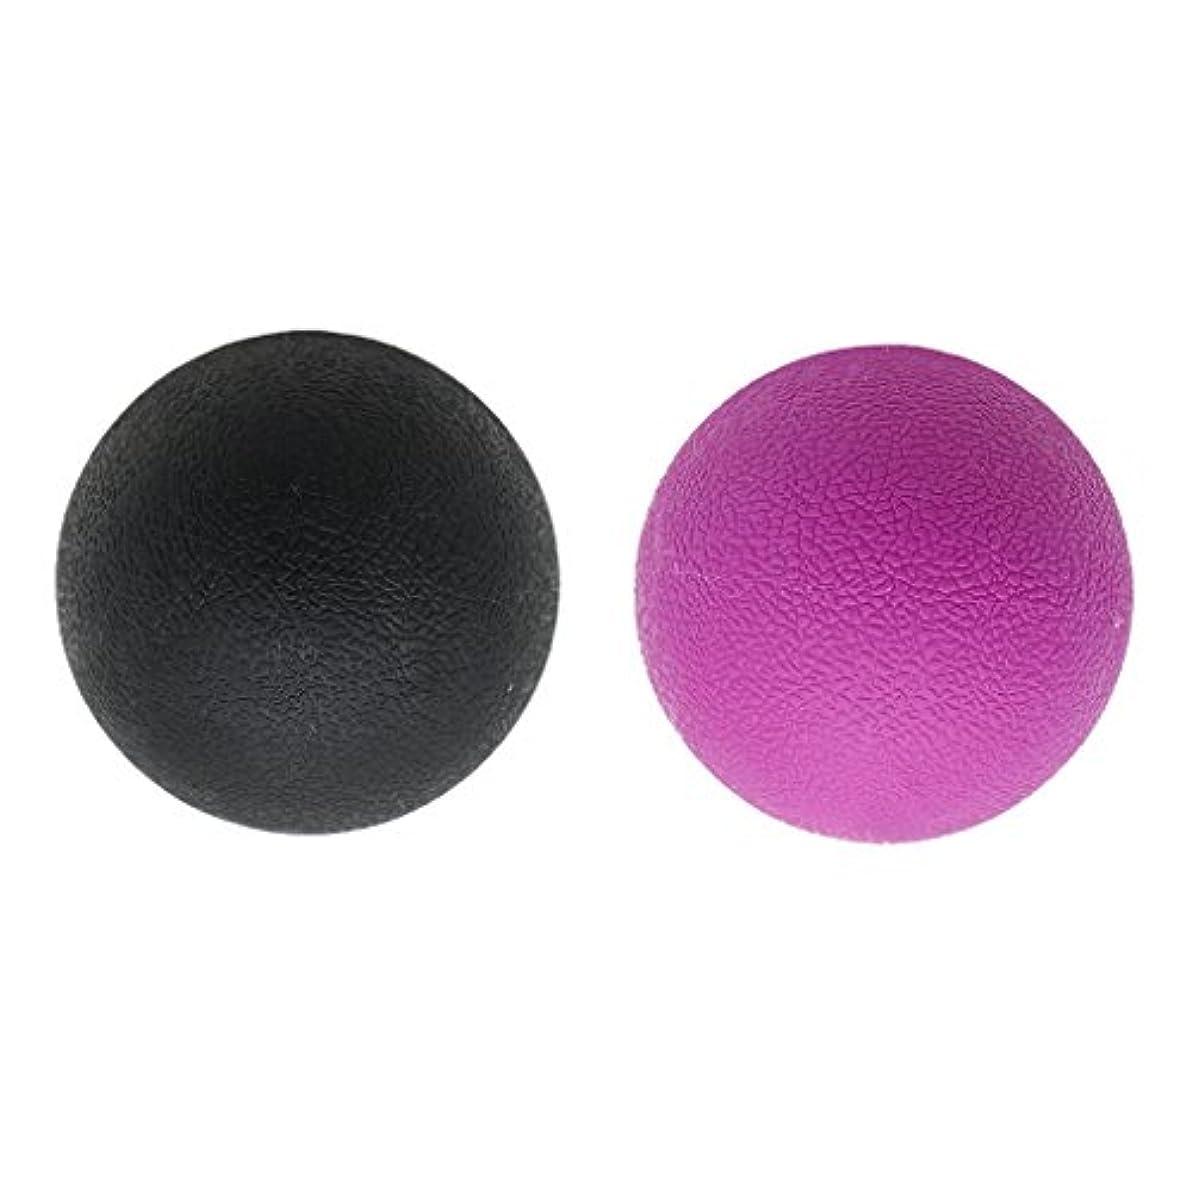 トークン絶妙覗くBaoblaze 2個 マッサージボール ラクロスボール トリガ ポイントマッサージ 弾性TPE 多色選べる - ブラックパープル